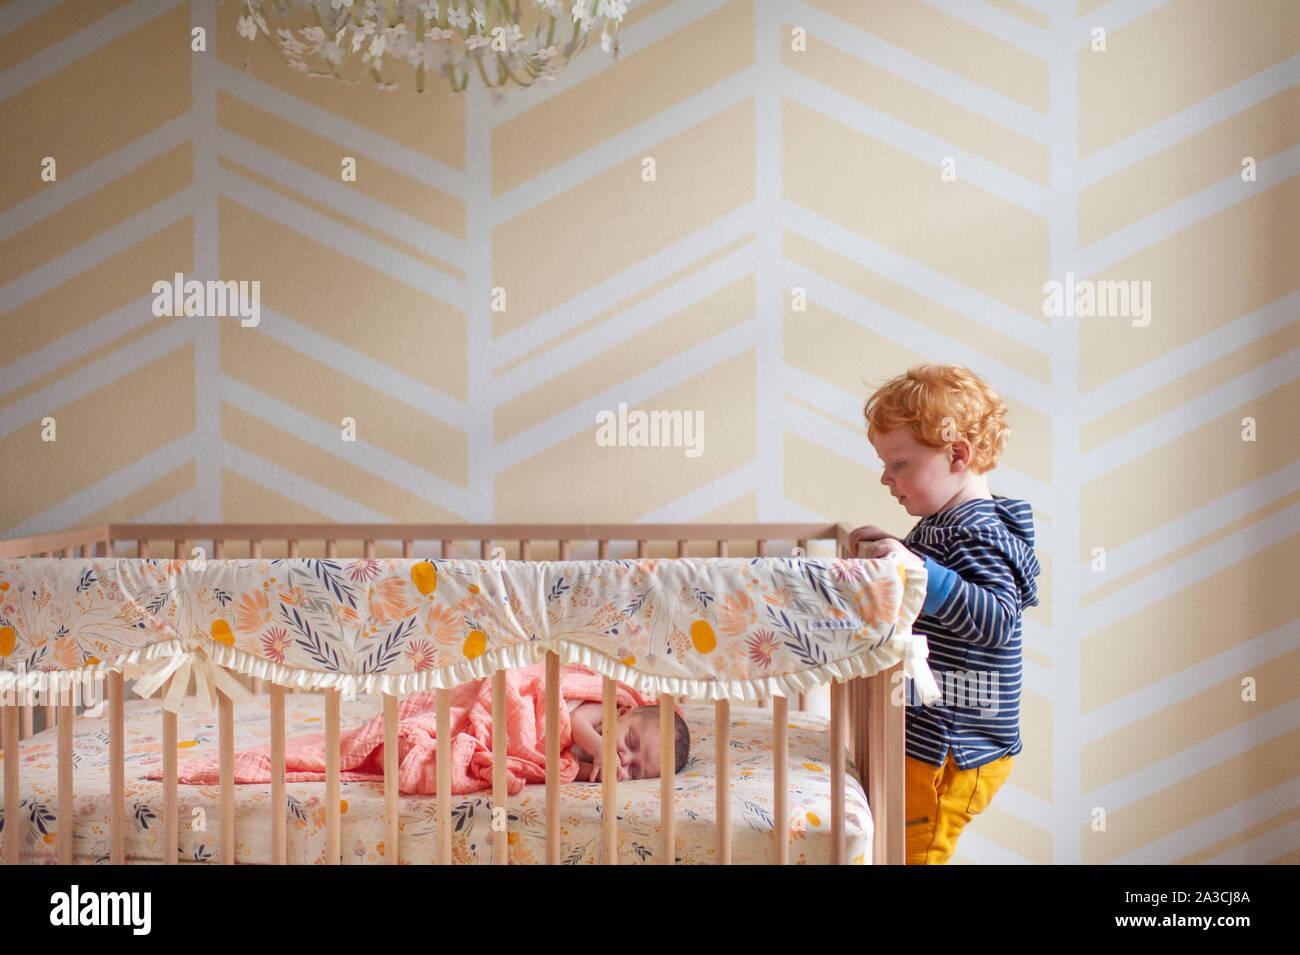 Toddler boy peeking in über Krippe Schiene bei neugeborenen Babys schlafen in der Krippe Stockfoto